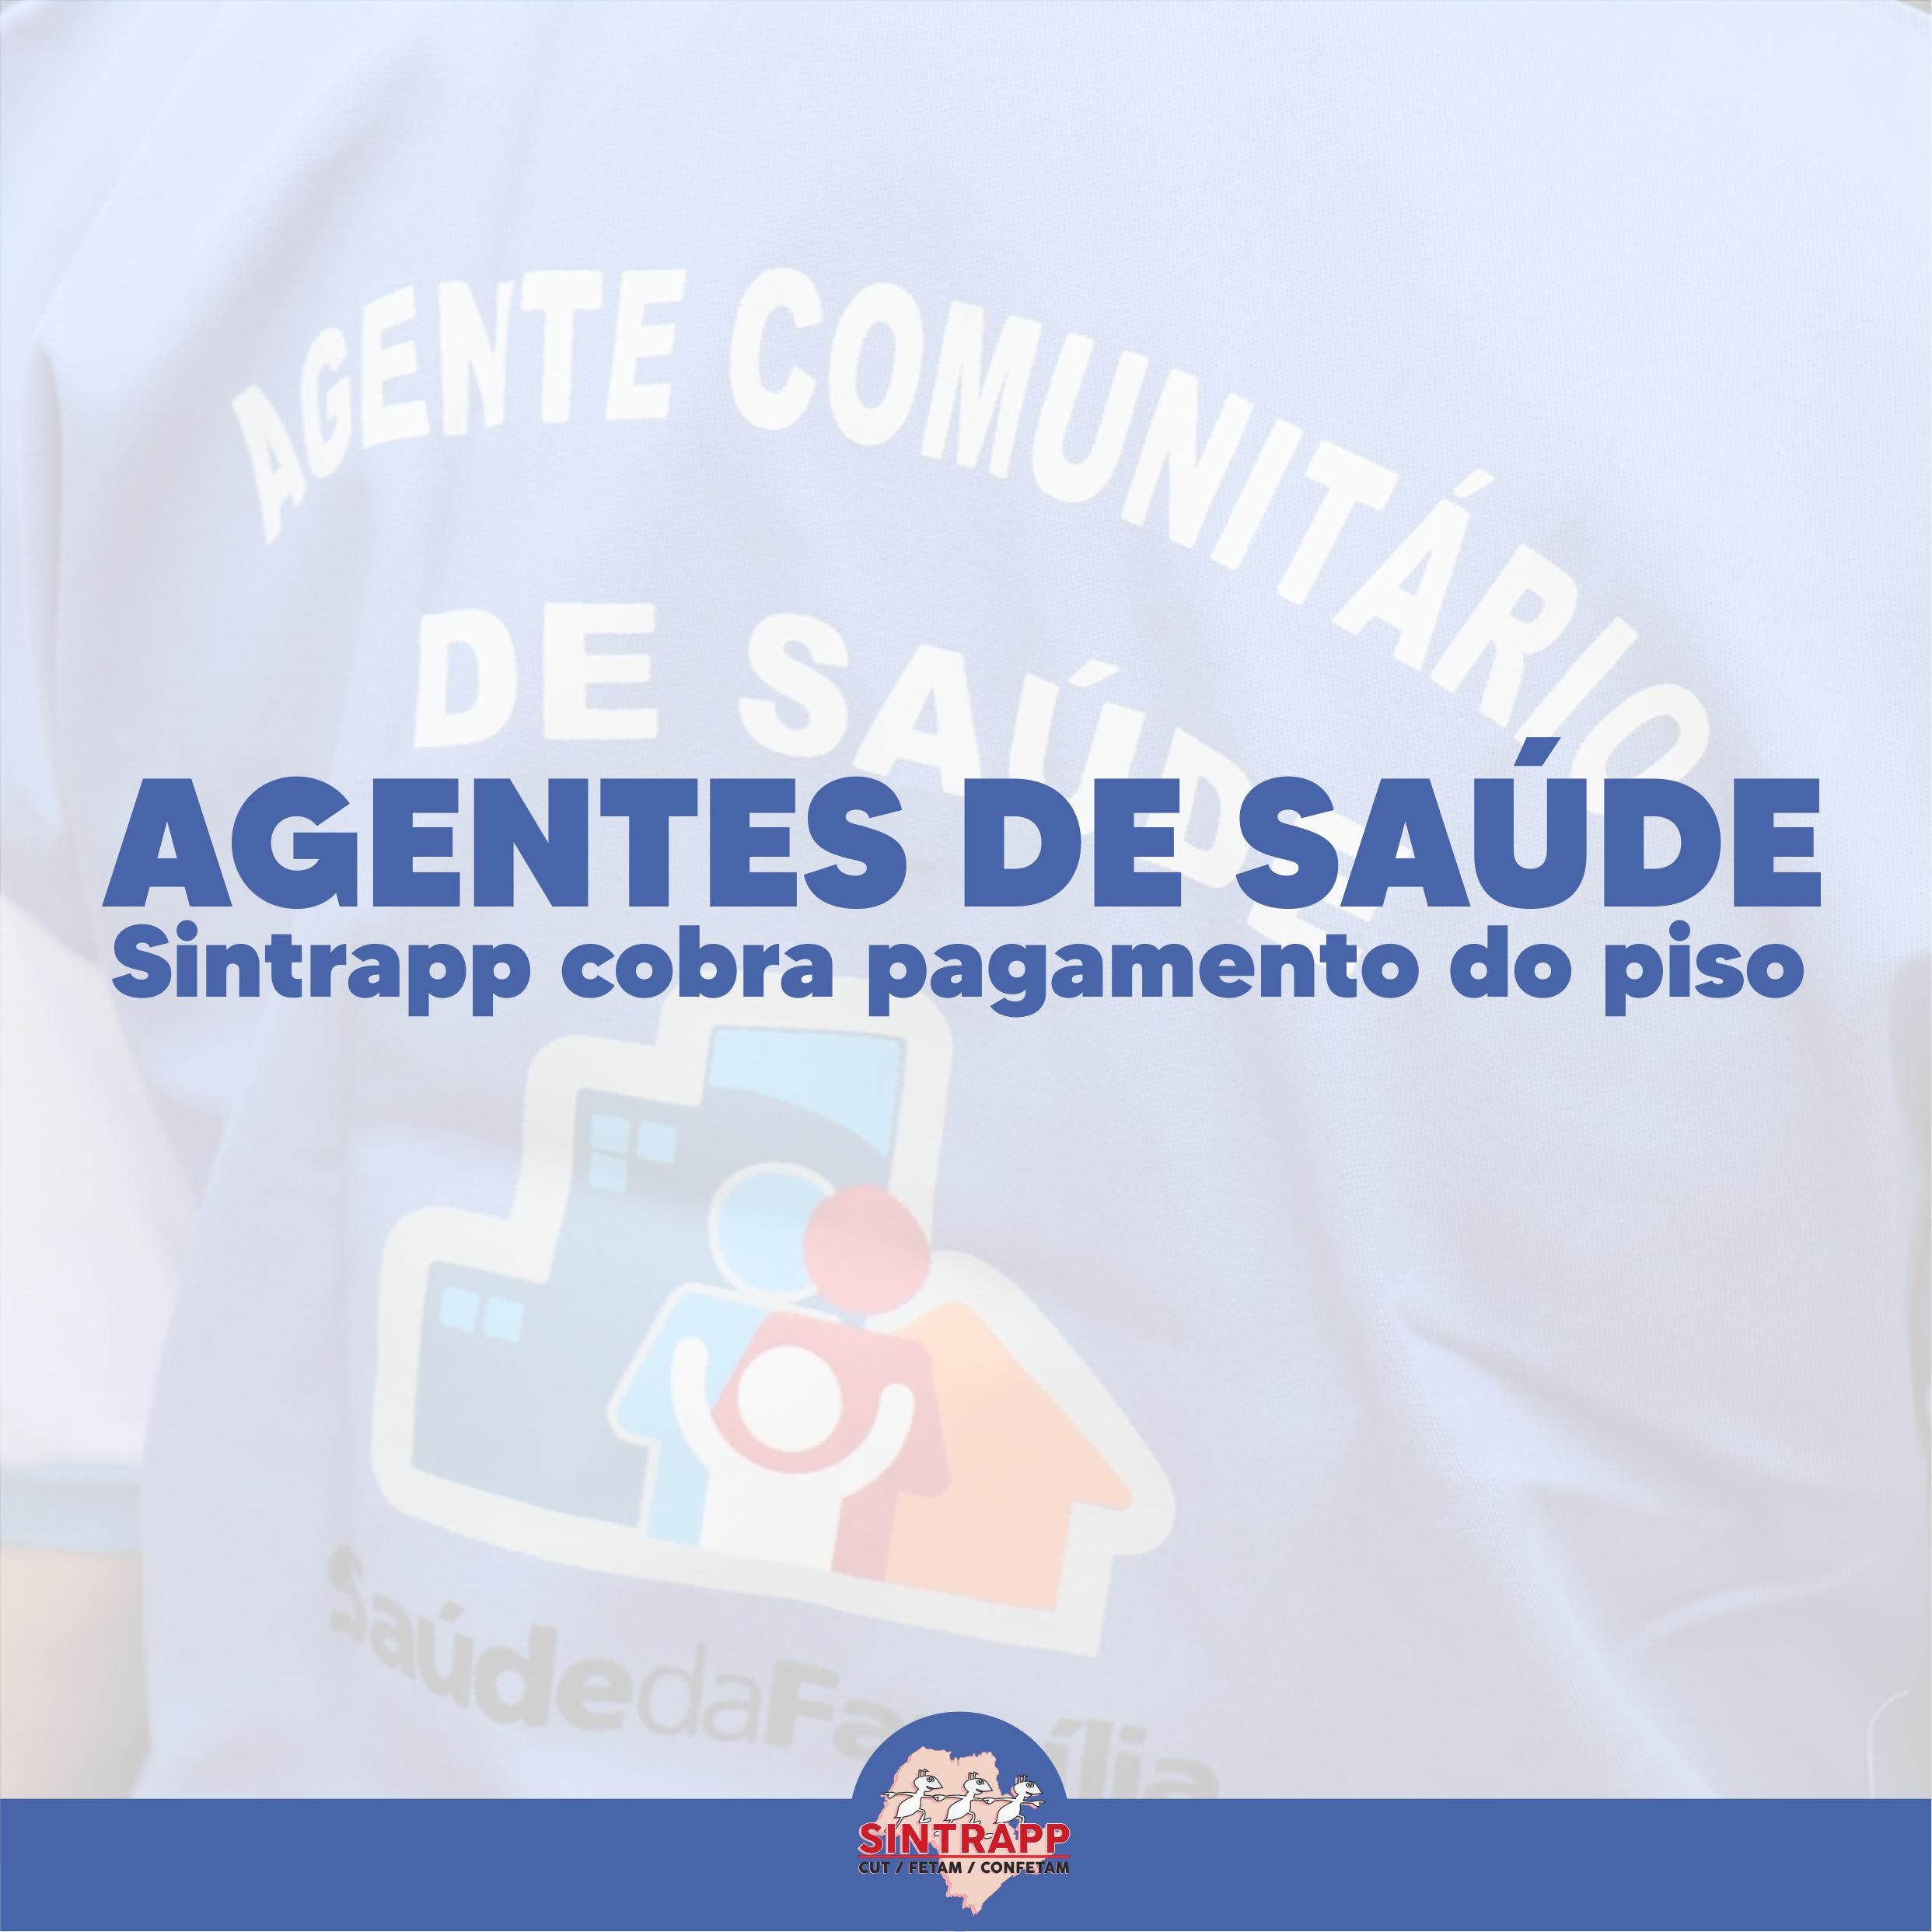 Sintrapp ajuíza ação cobrando da Prefeitura o pagamento do Piso dos Agentes de Saúde